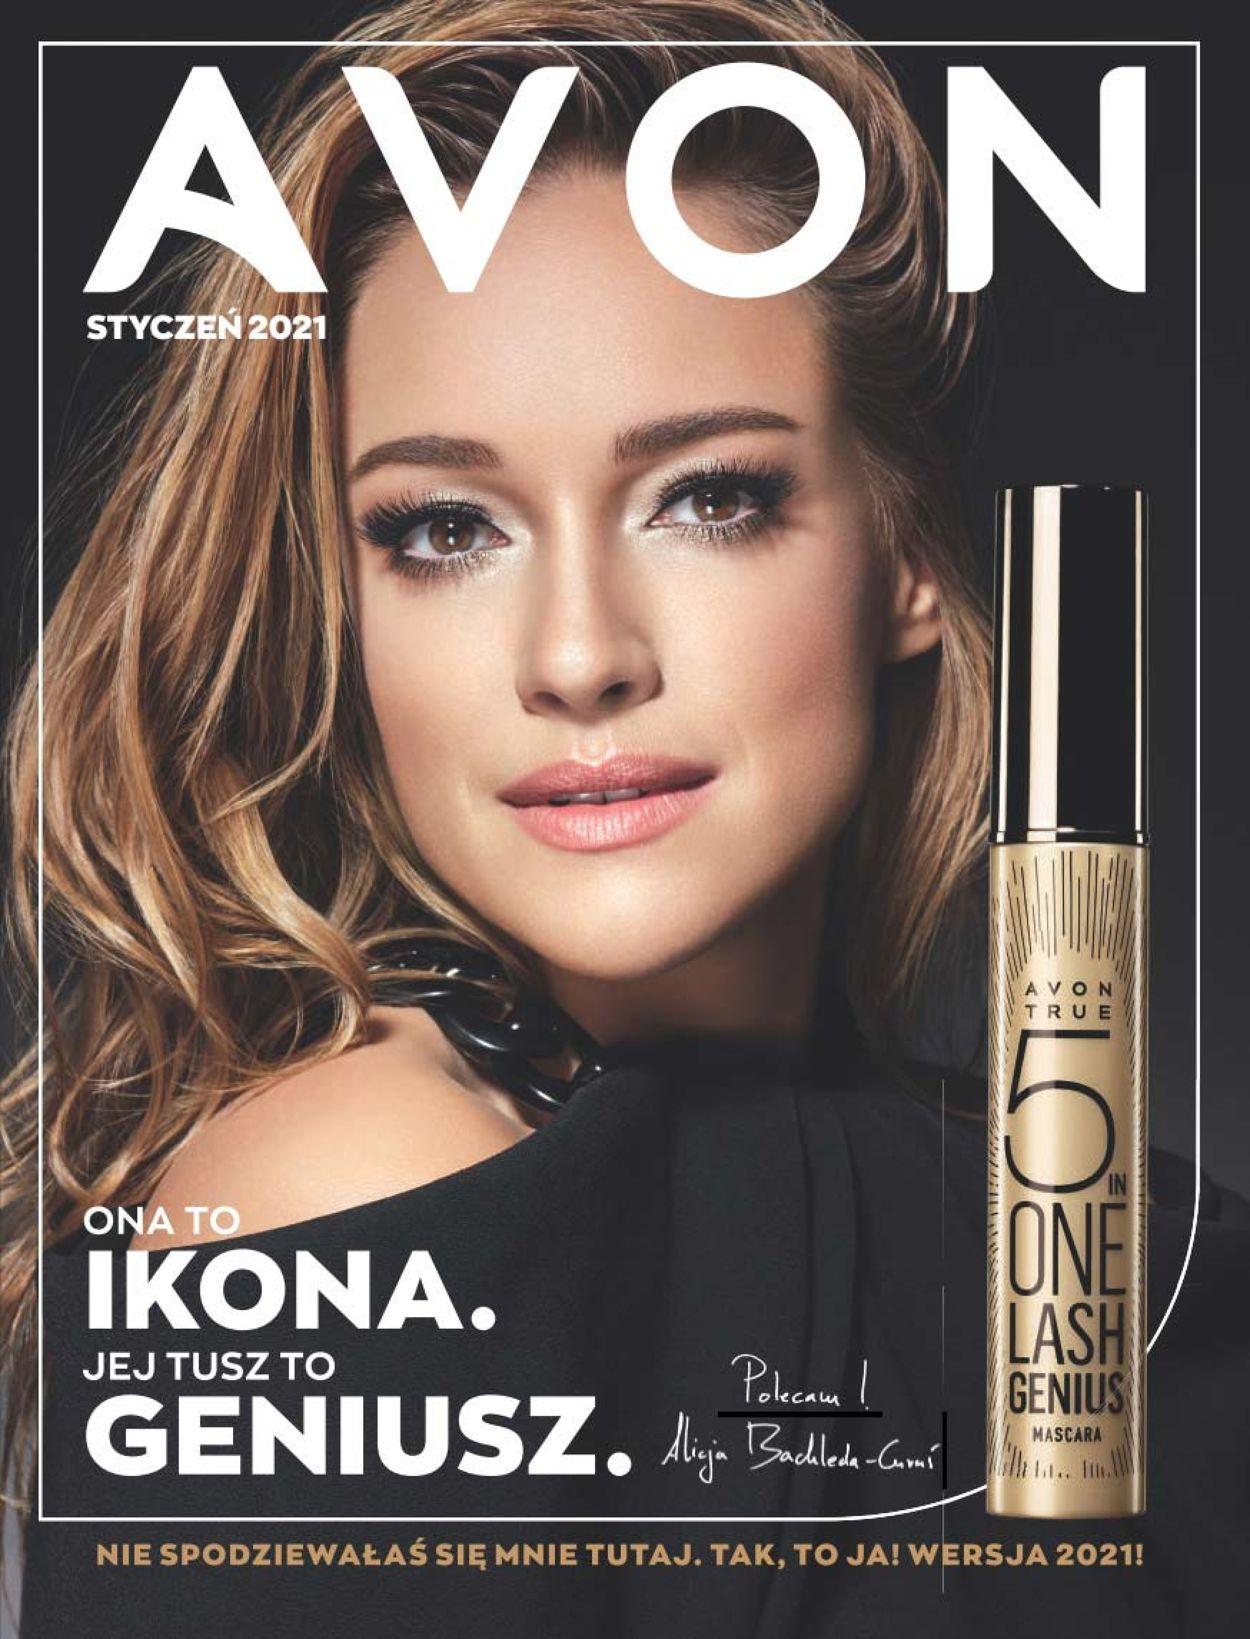 Gazetka promocyjna Avon - 01.01-31.01.2021